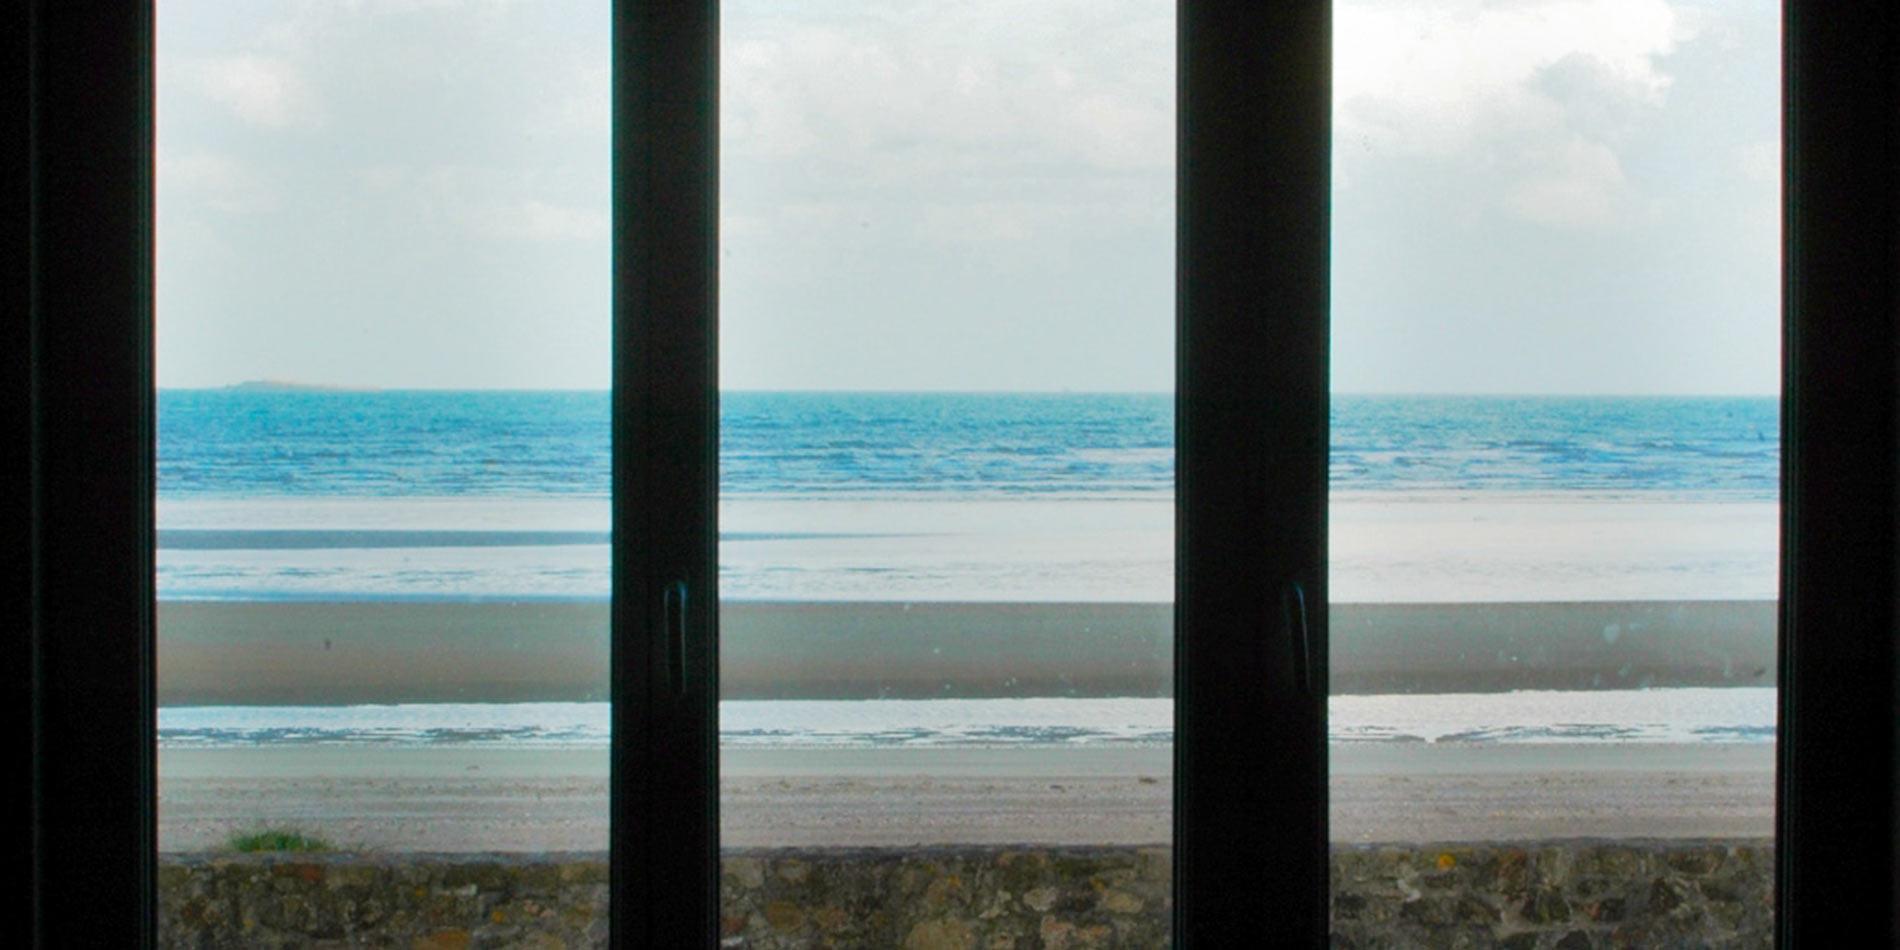 Hébergement plage Normandie